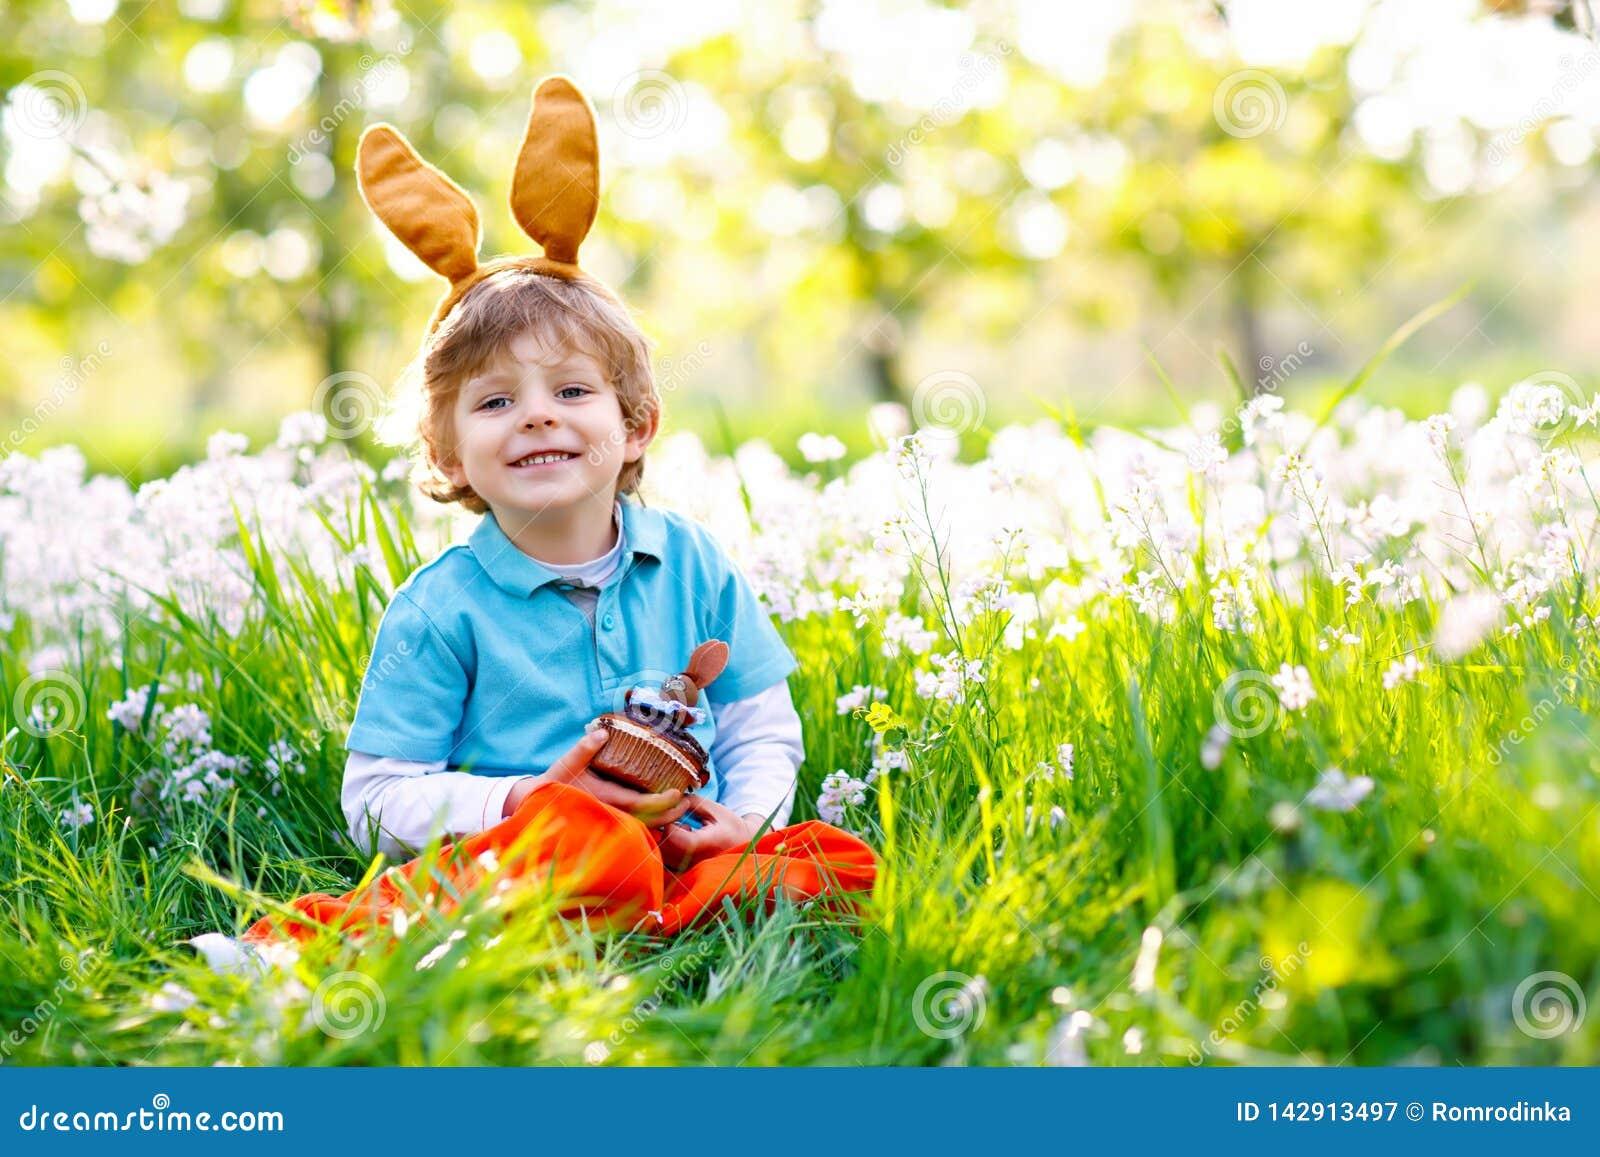 有复活节兔子耳朵的逗人喜爱的小孩男孩庆祝传统宴餐愉快的孩子的吃松饼巧克力蛋糕